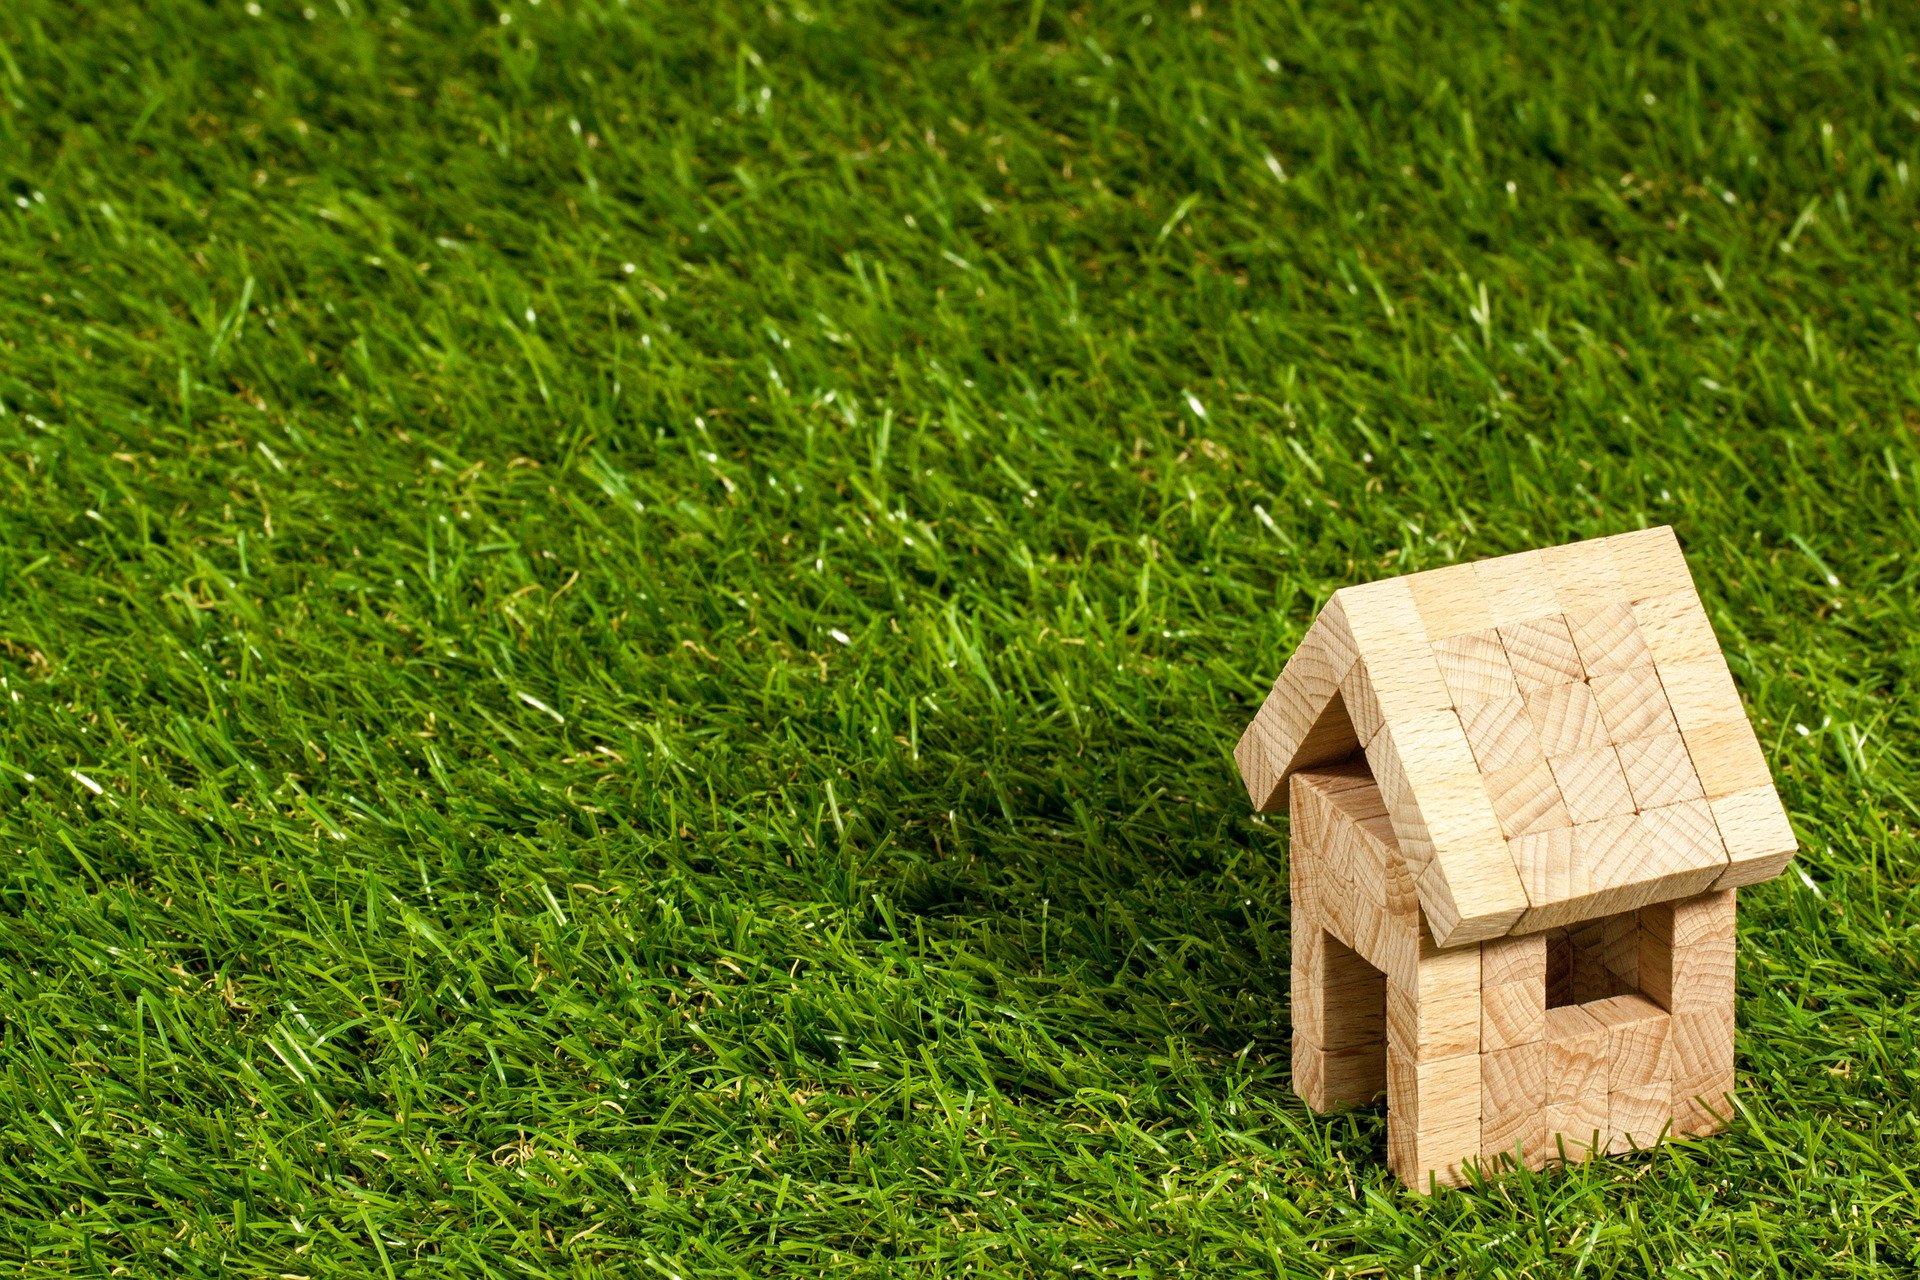 Vendita casa in presenza di mutuo: la banca può opporsi?